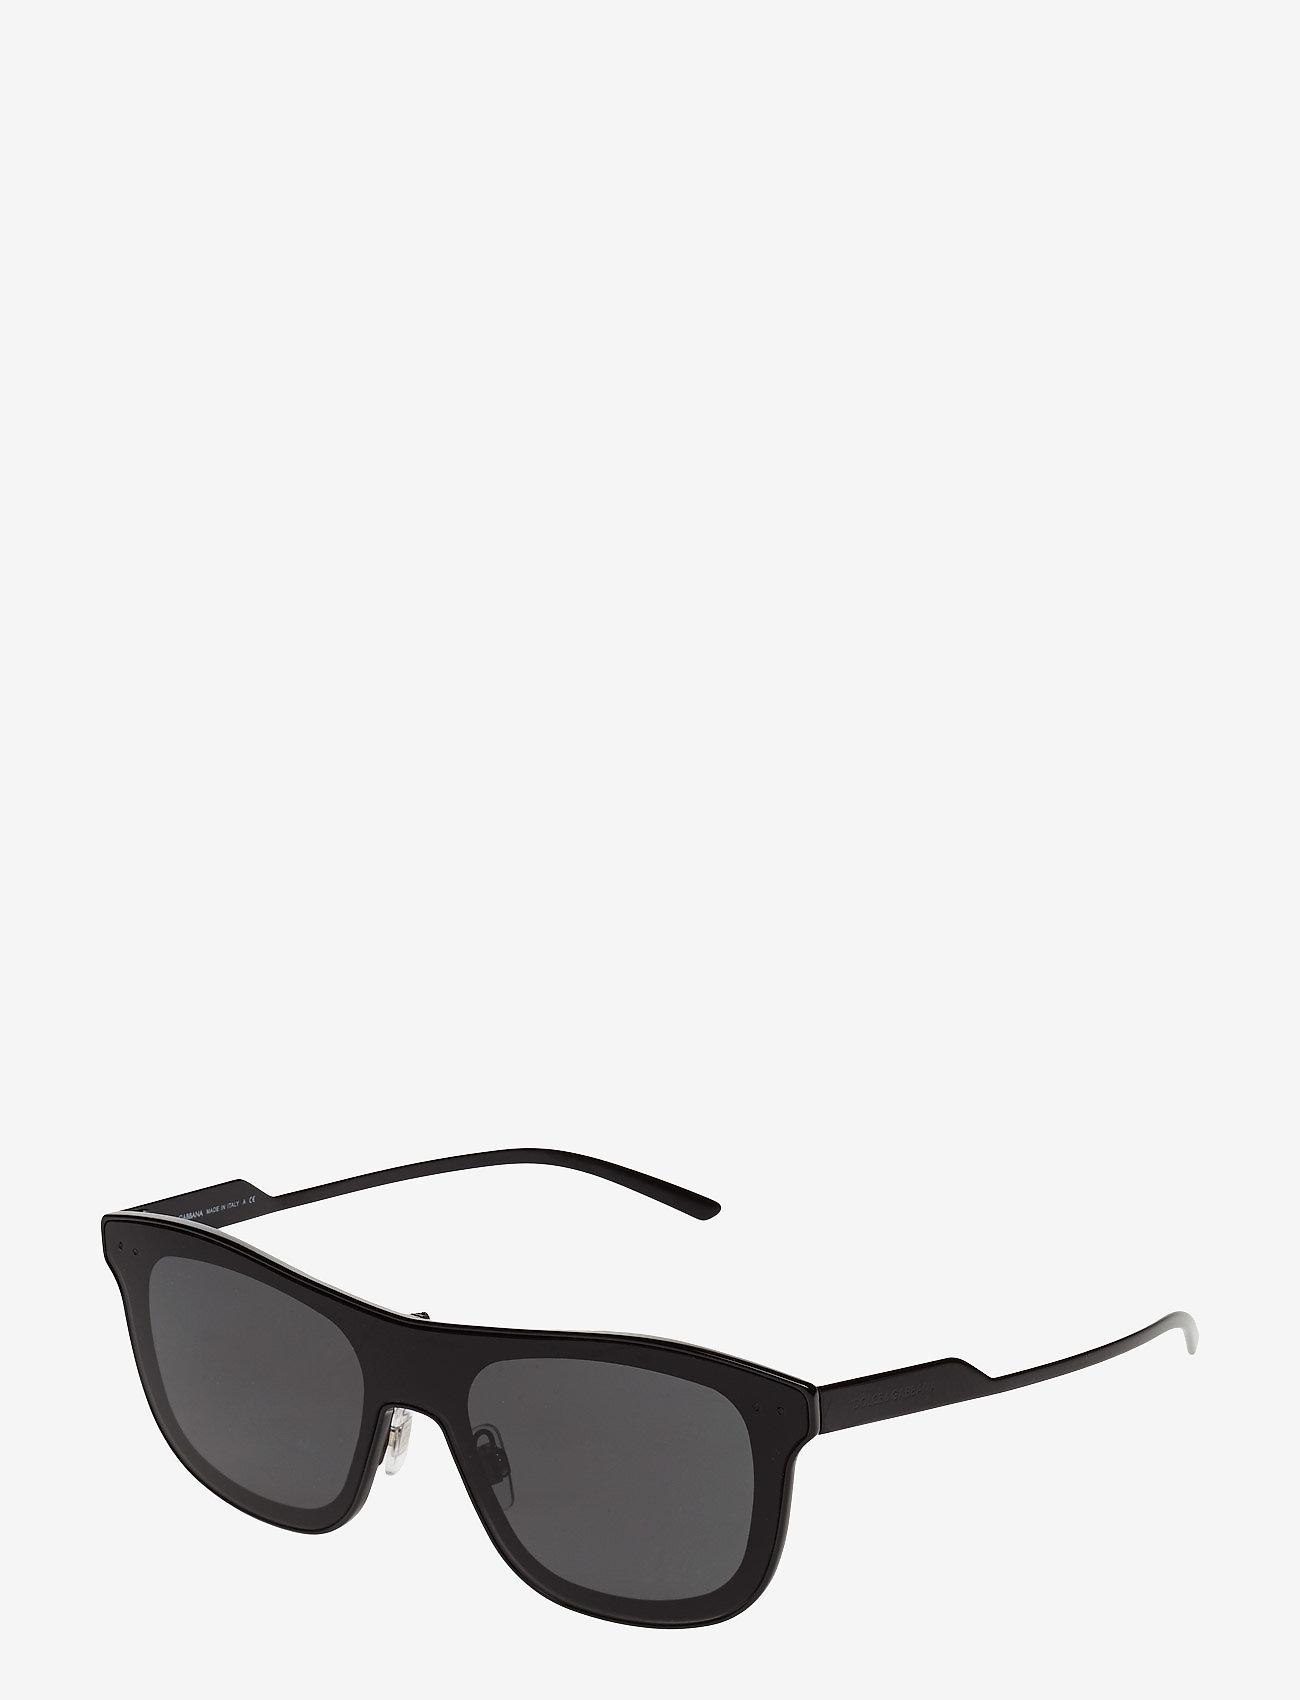 Dolce & Gabbana Sunglasses - Not Defined - okulary przeciwsłoneczne w kształcie litery d - black - 1